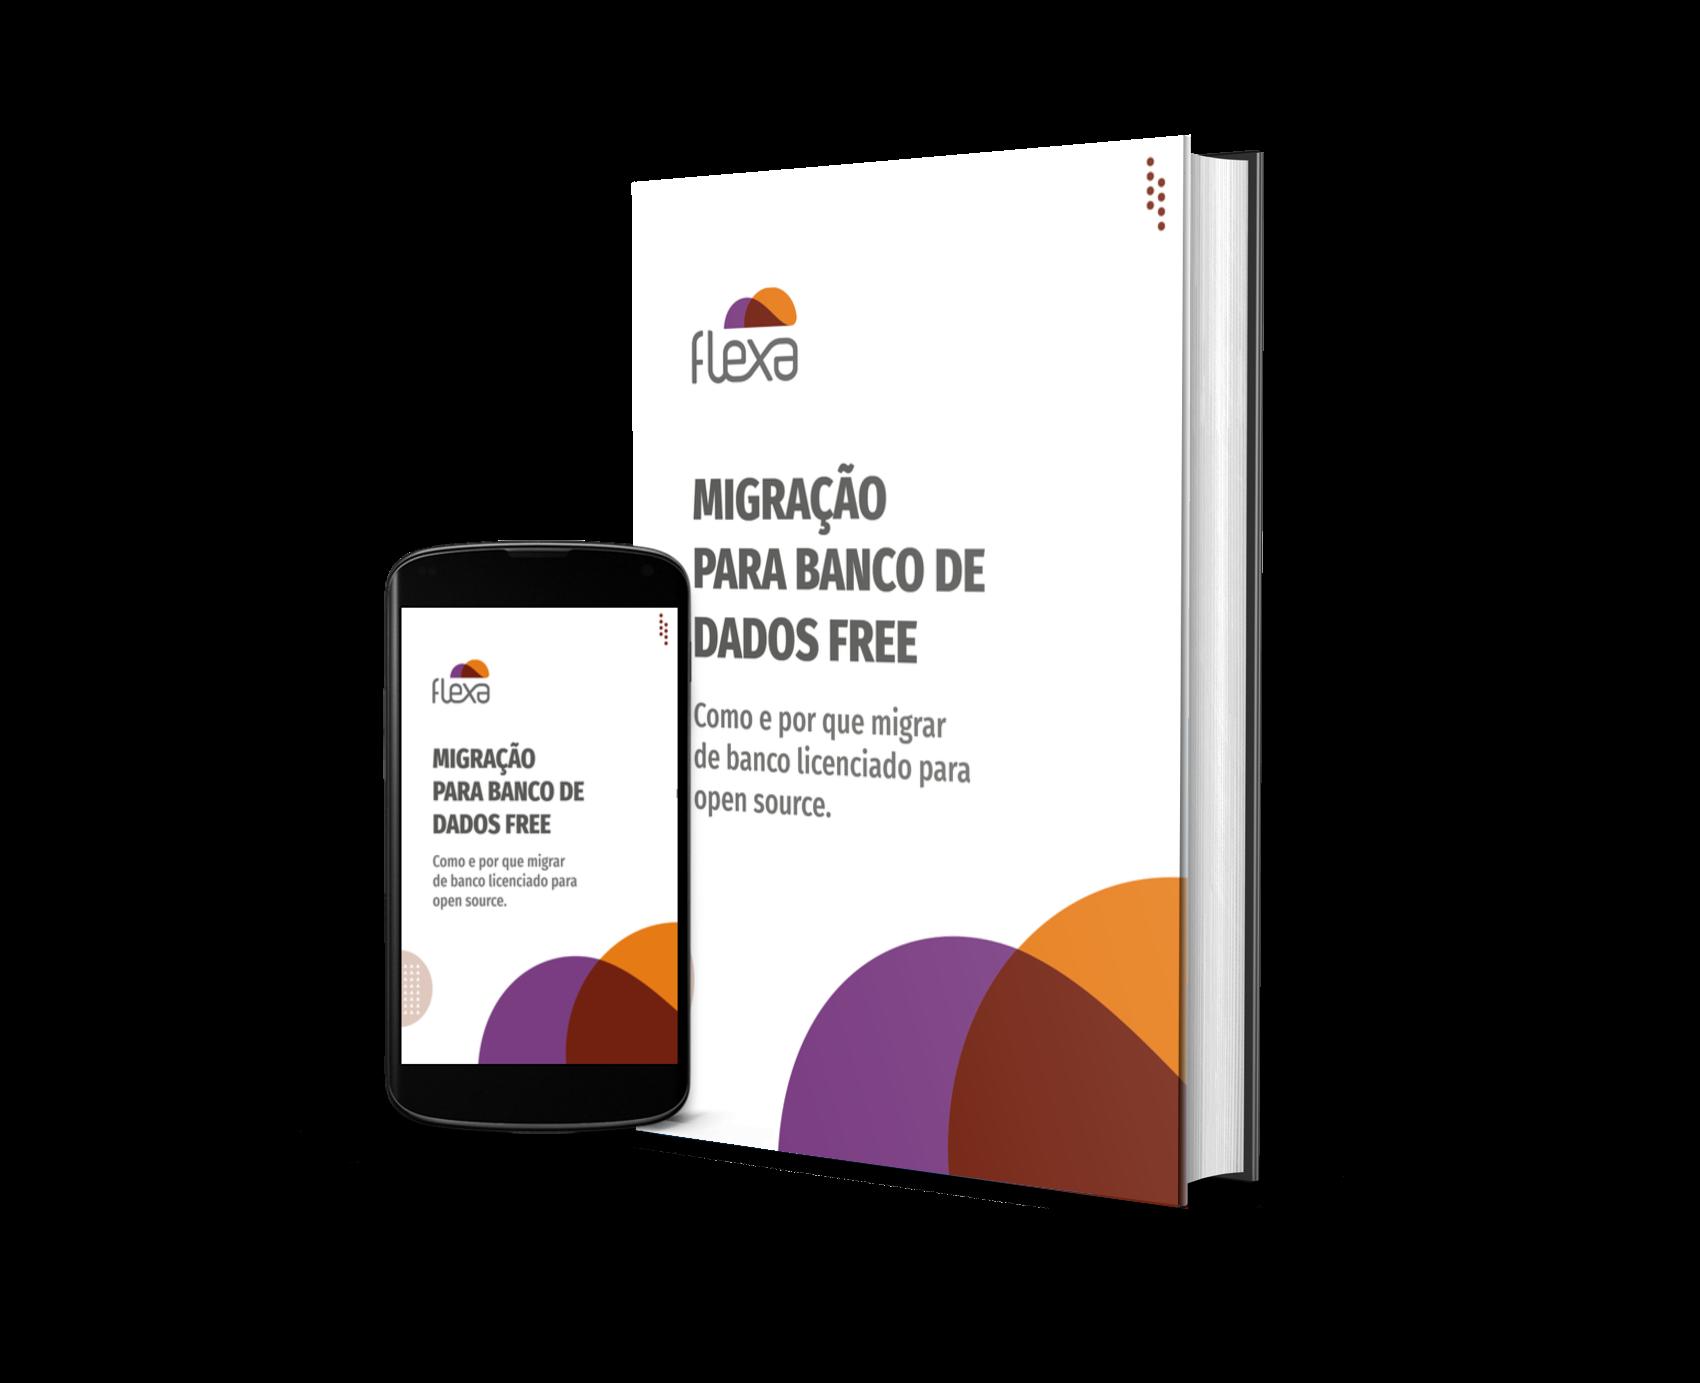 Migracao para banco de dados free